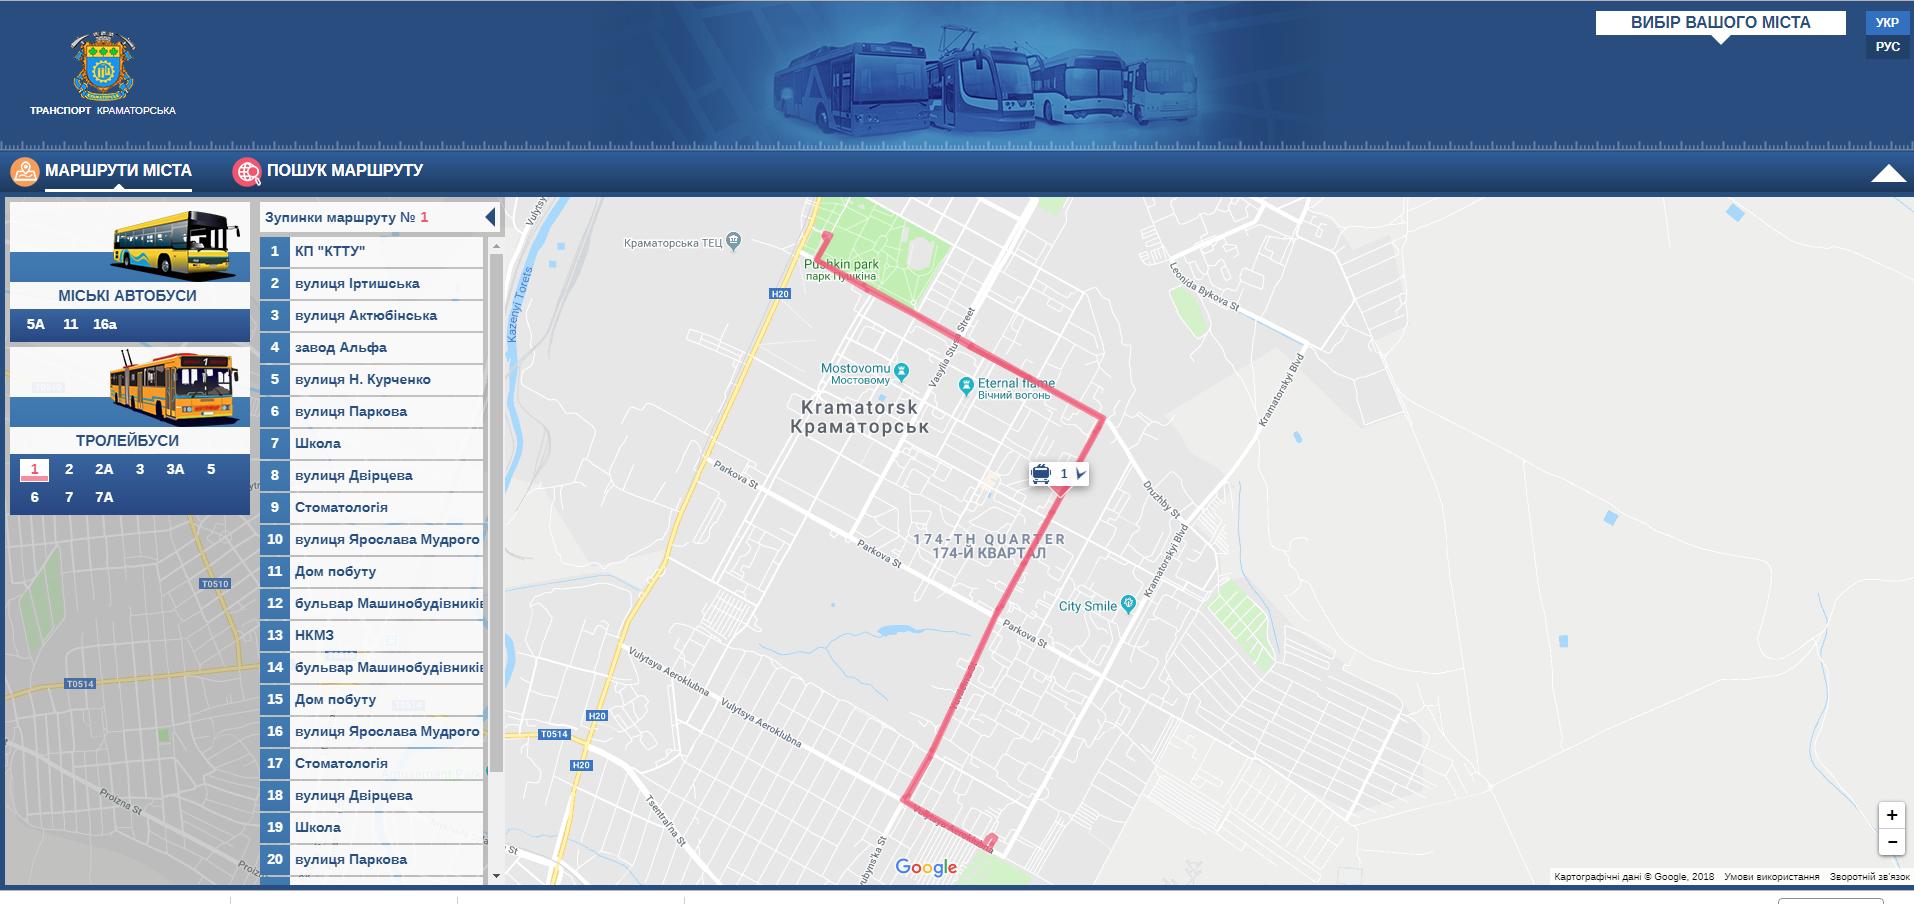 http://vp.donetsk.ua/images/2018/12/kramatorsk_transport_online_4.png